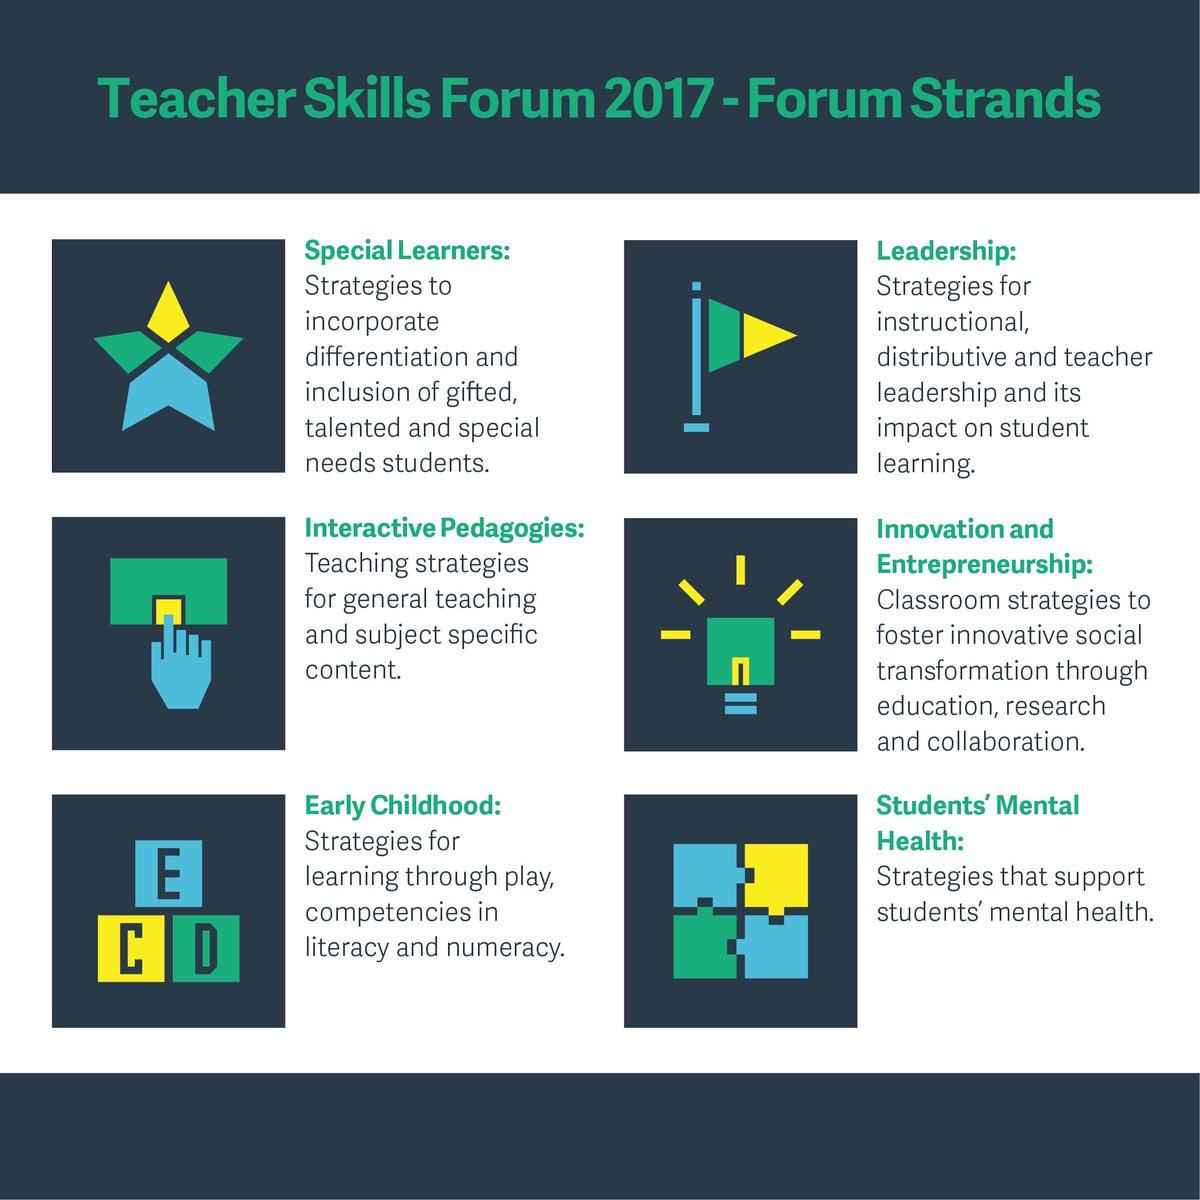 Teacher Skills Forum on Twitter: